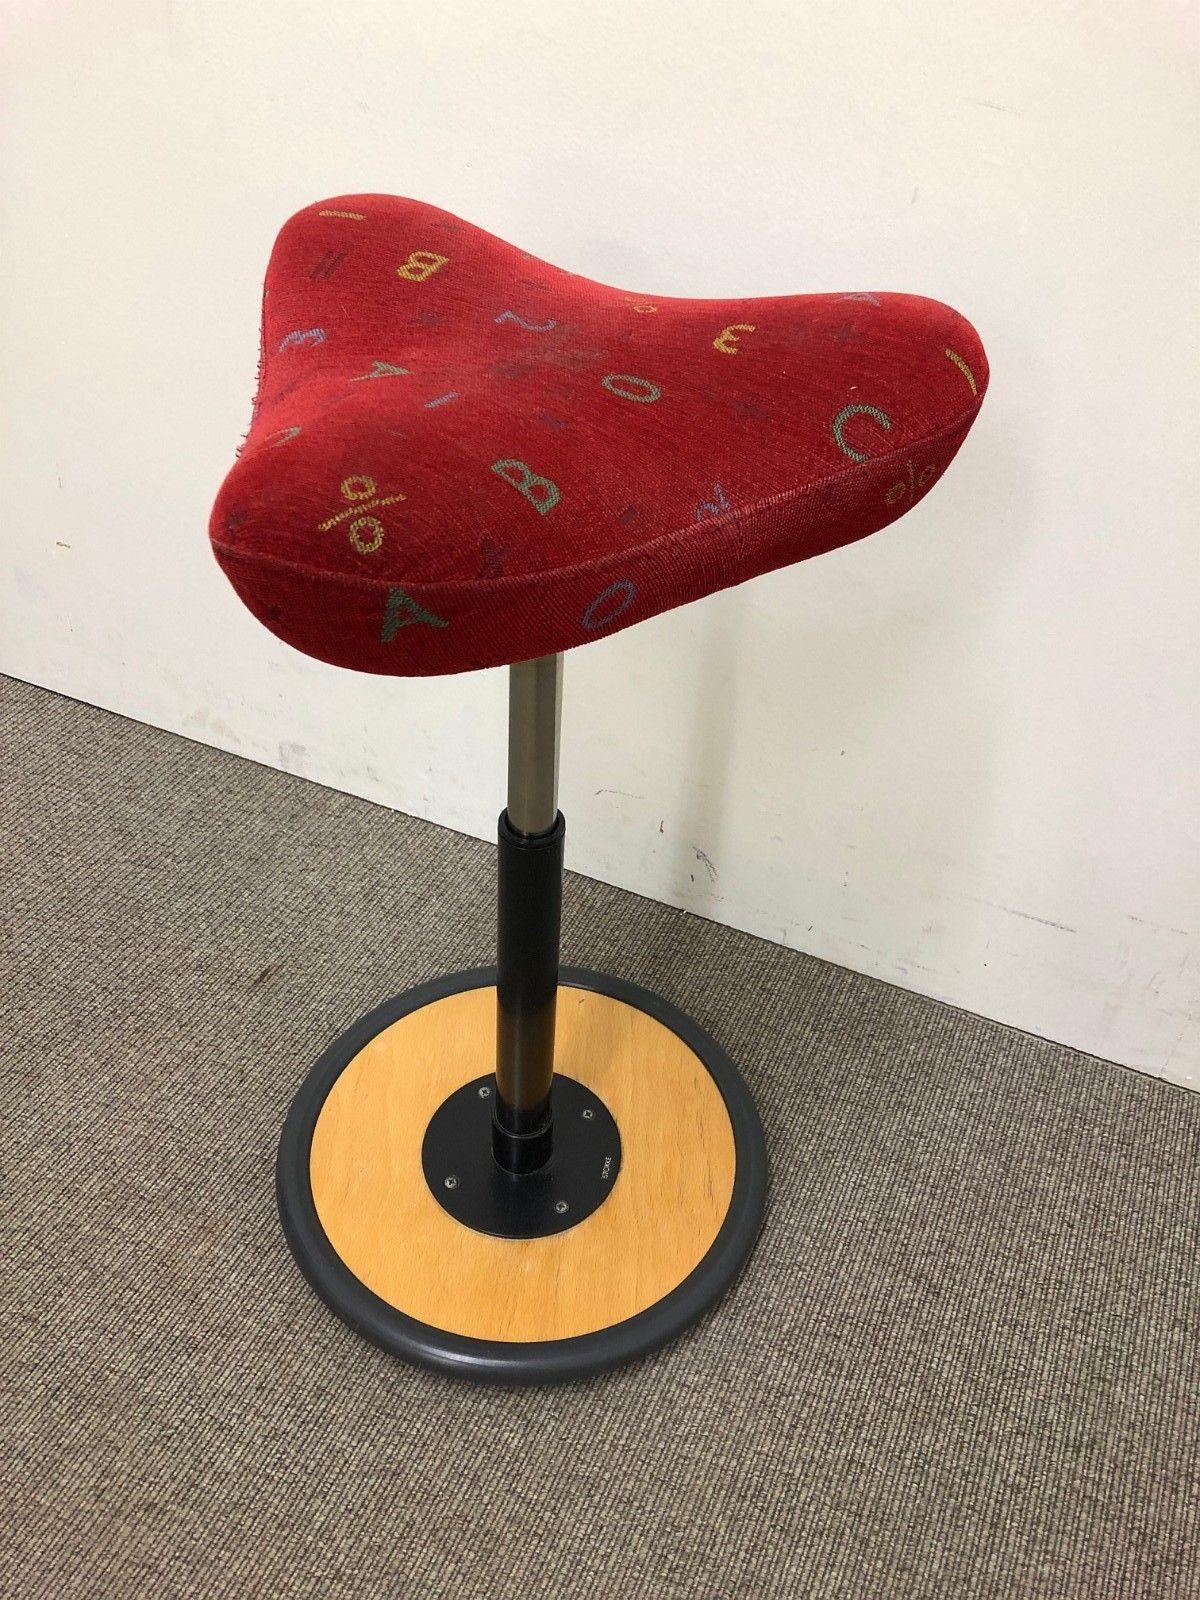 Stokke Move Variér stol i rødt stoff BRUKTE KONTORMØBLER